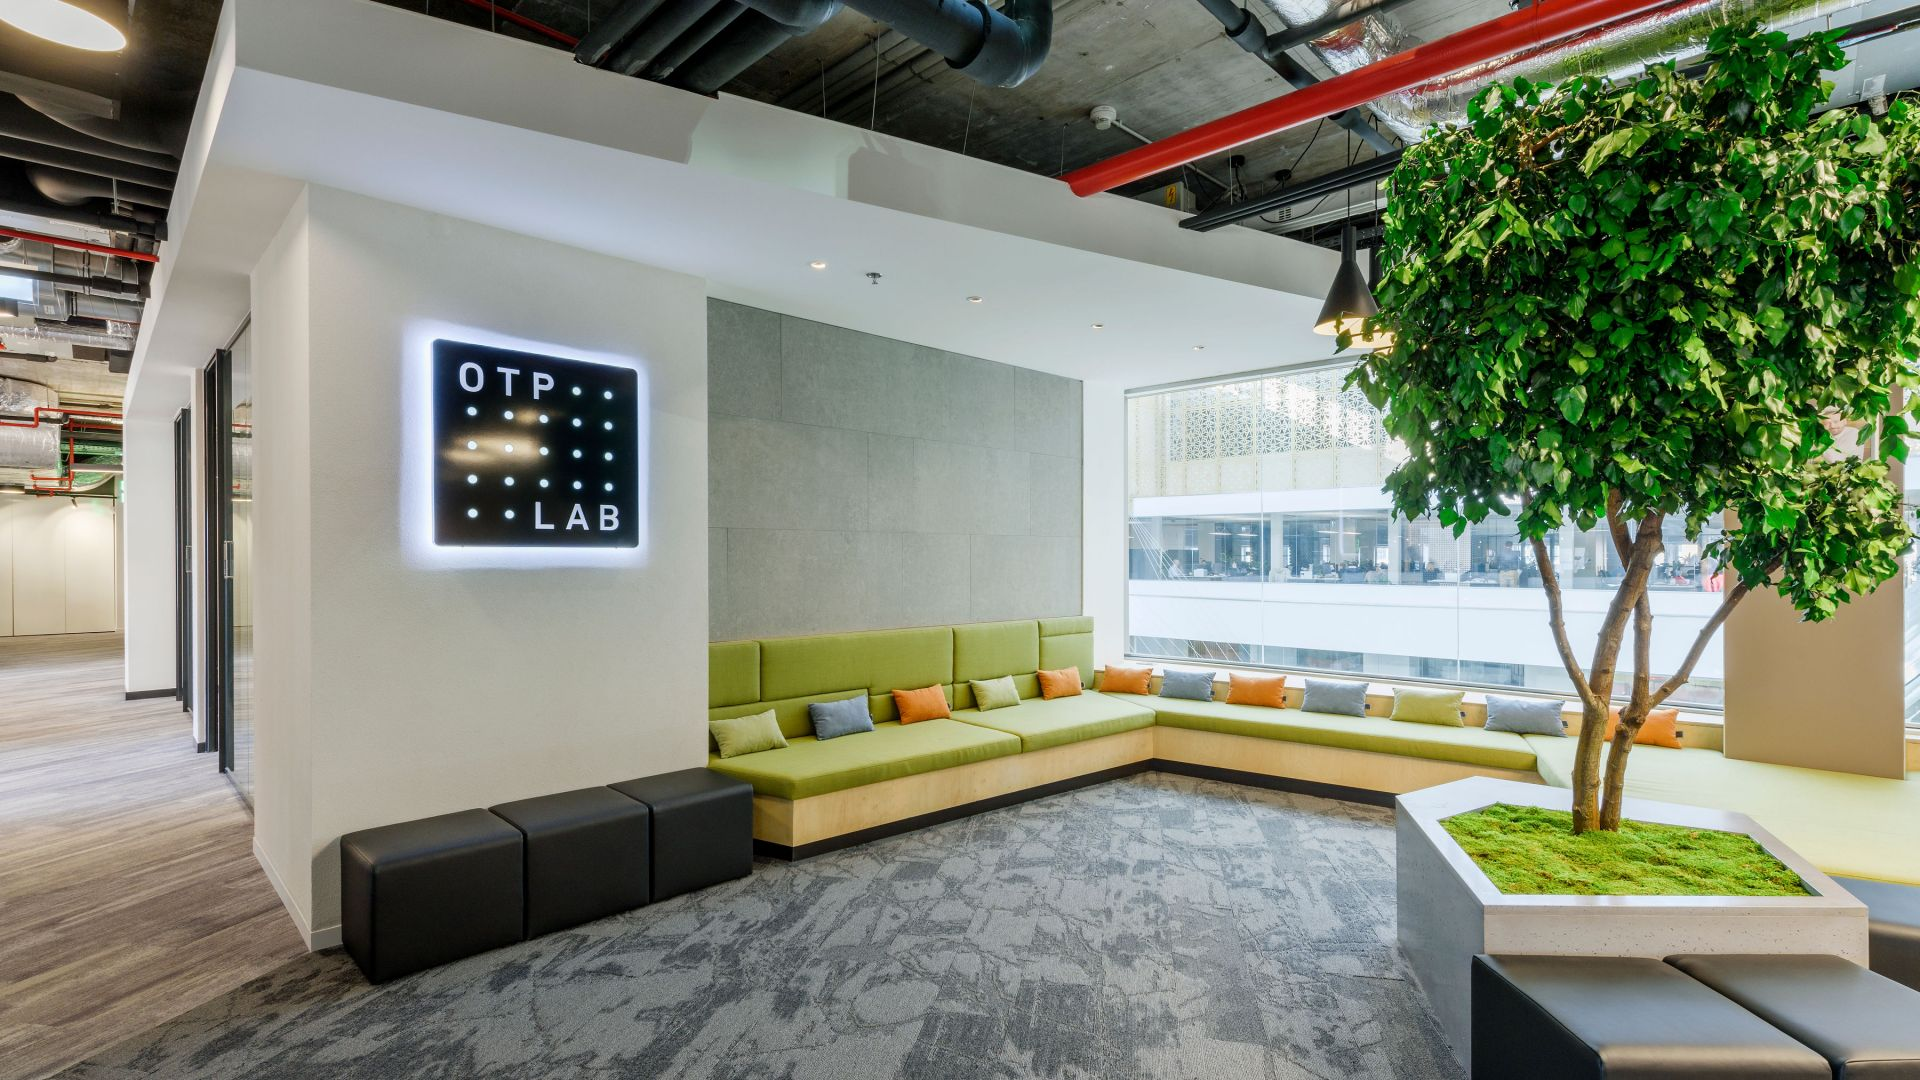 OTP Lab на Банка ОТП, компанията майка на Банка ДСК, отново е сред най-добрите финансови лаборатории за иновации в света